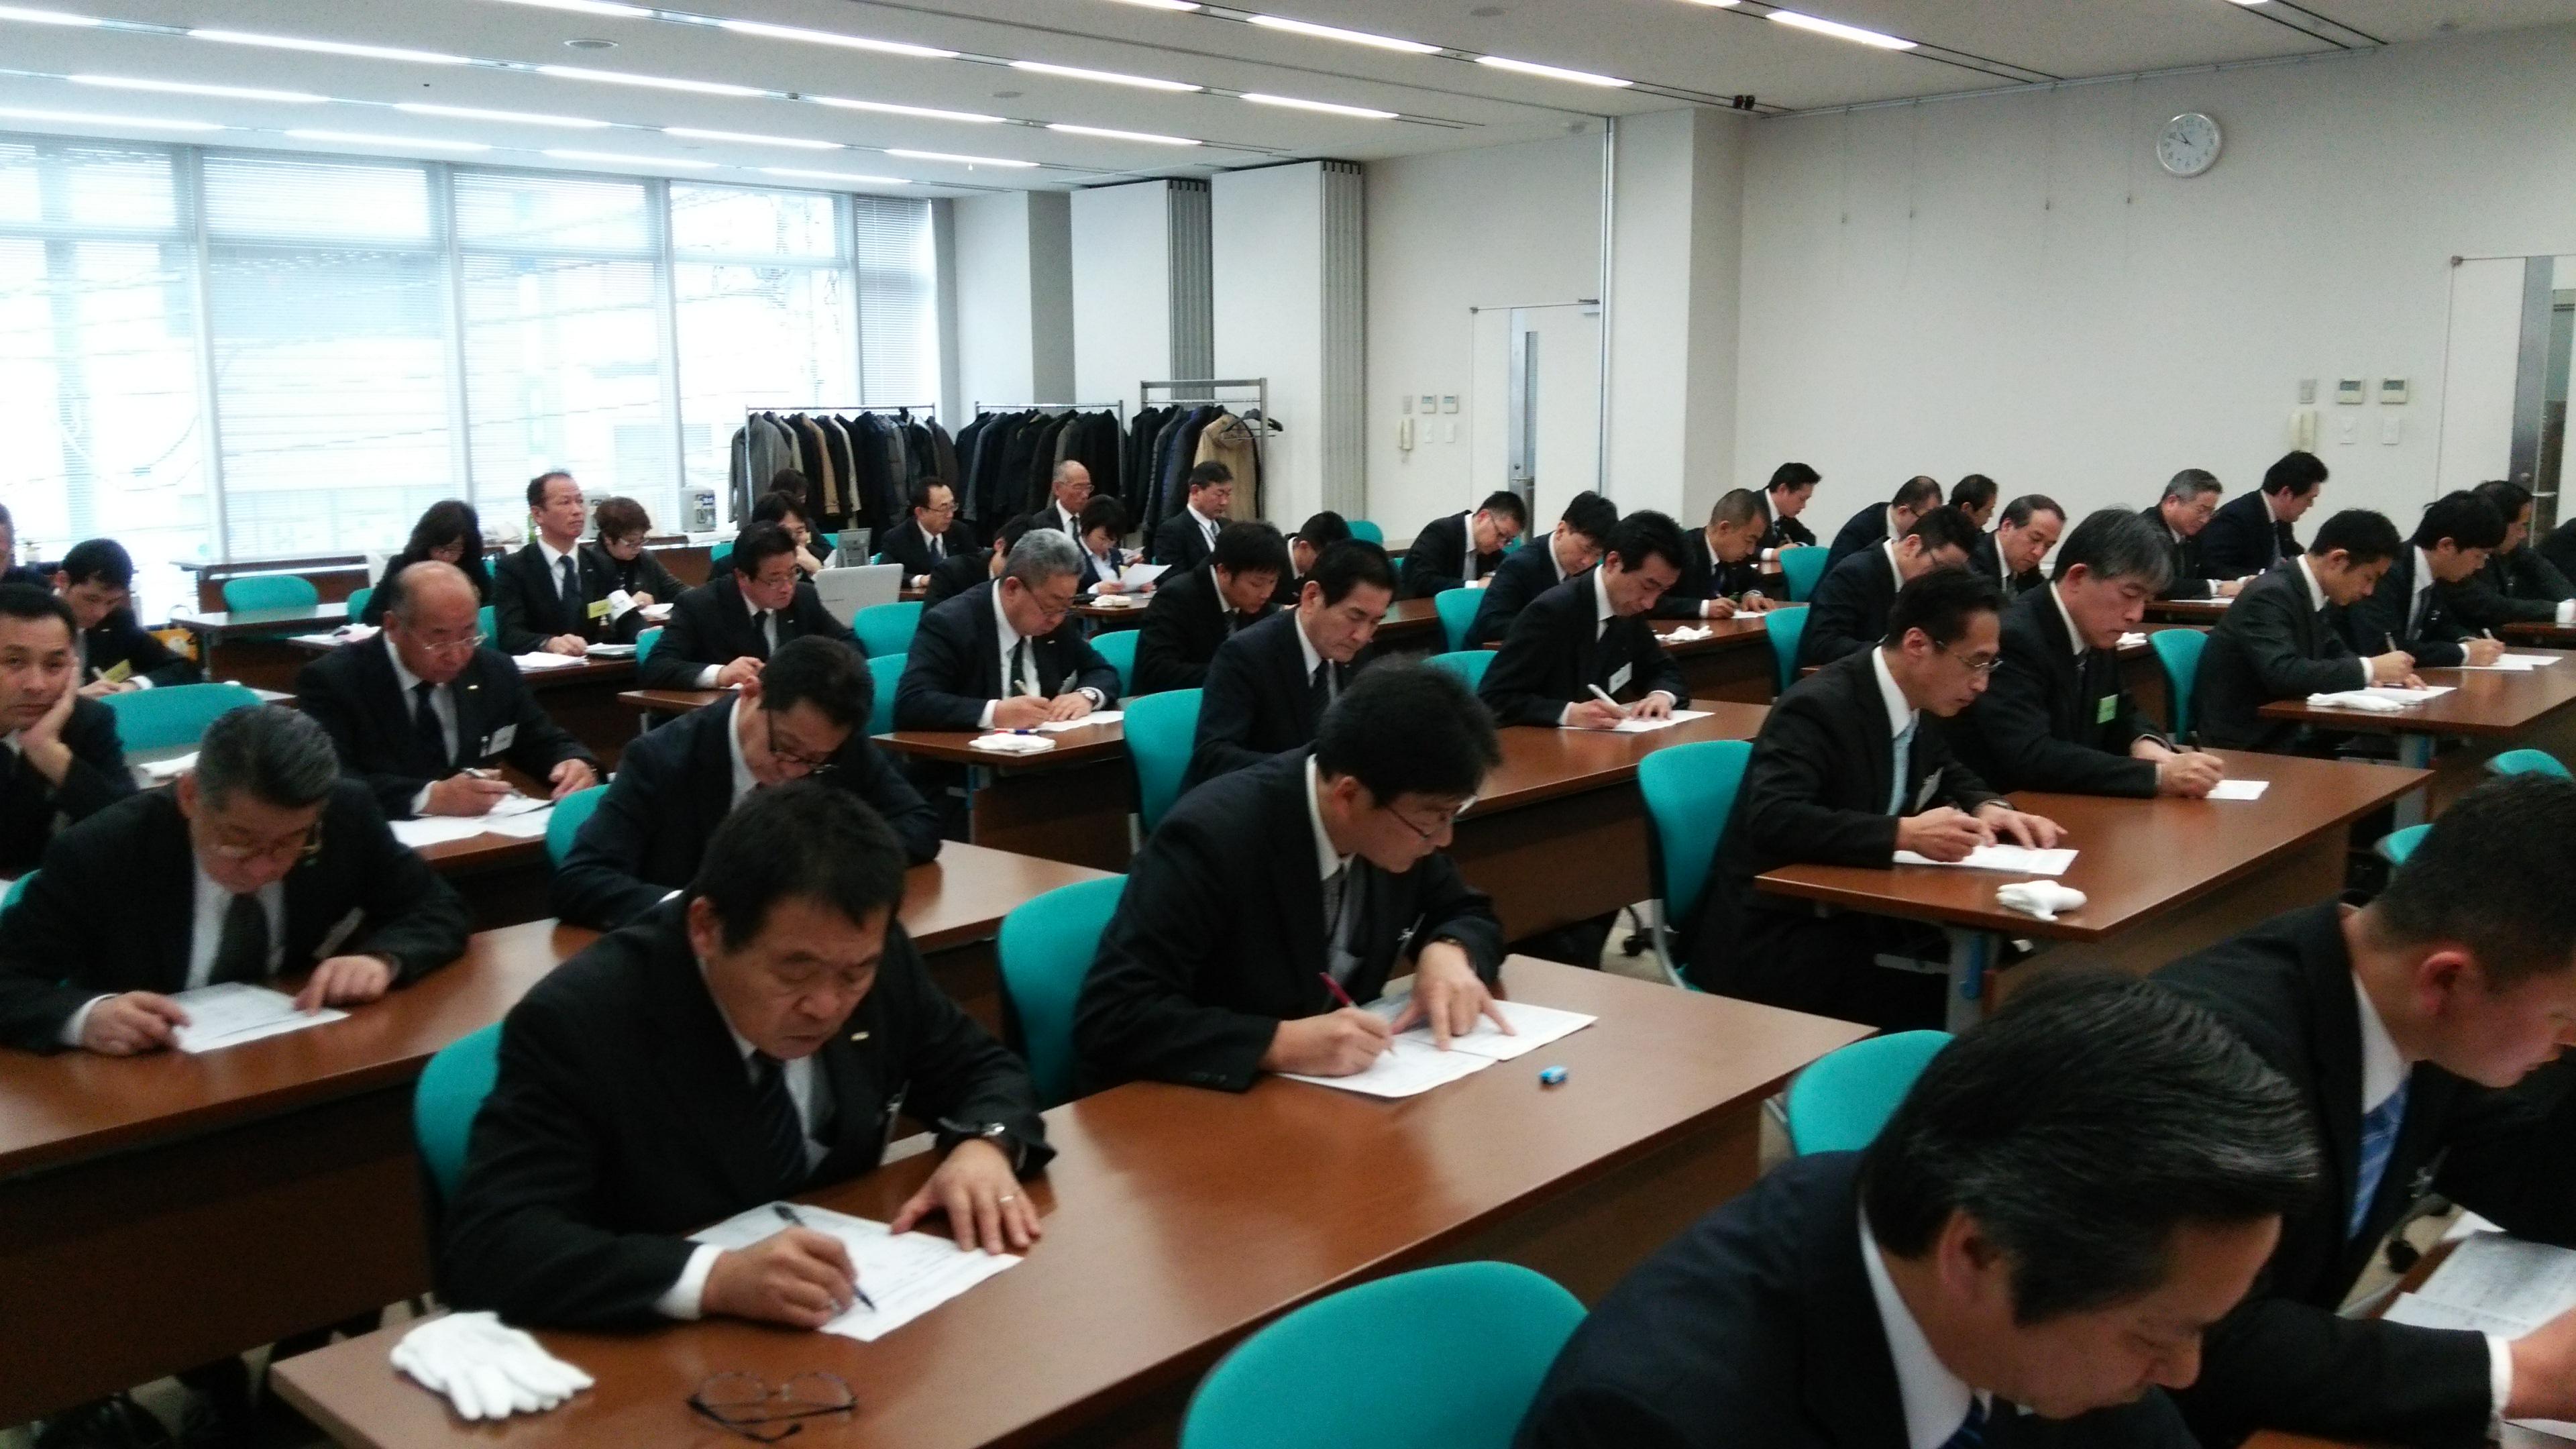 埼玉3級 千葉3級検定試験実施